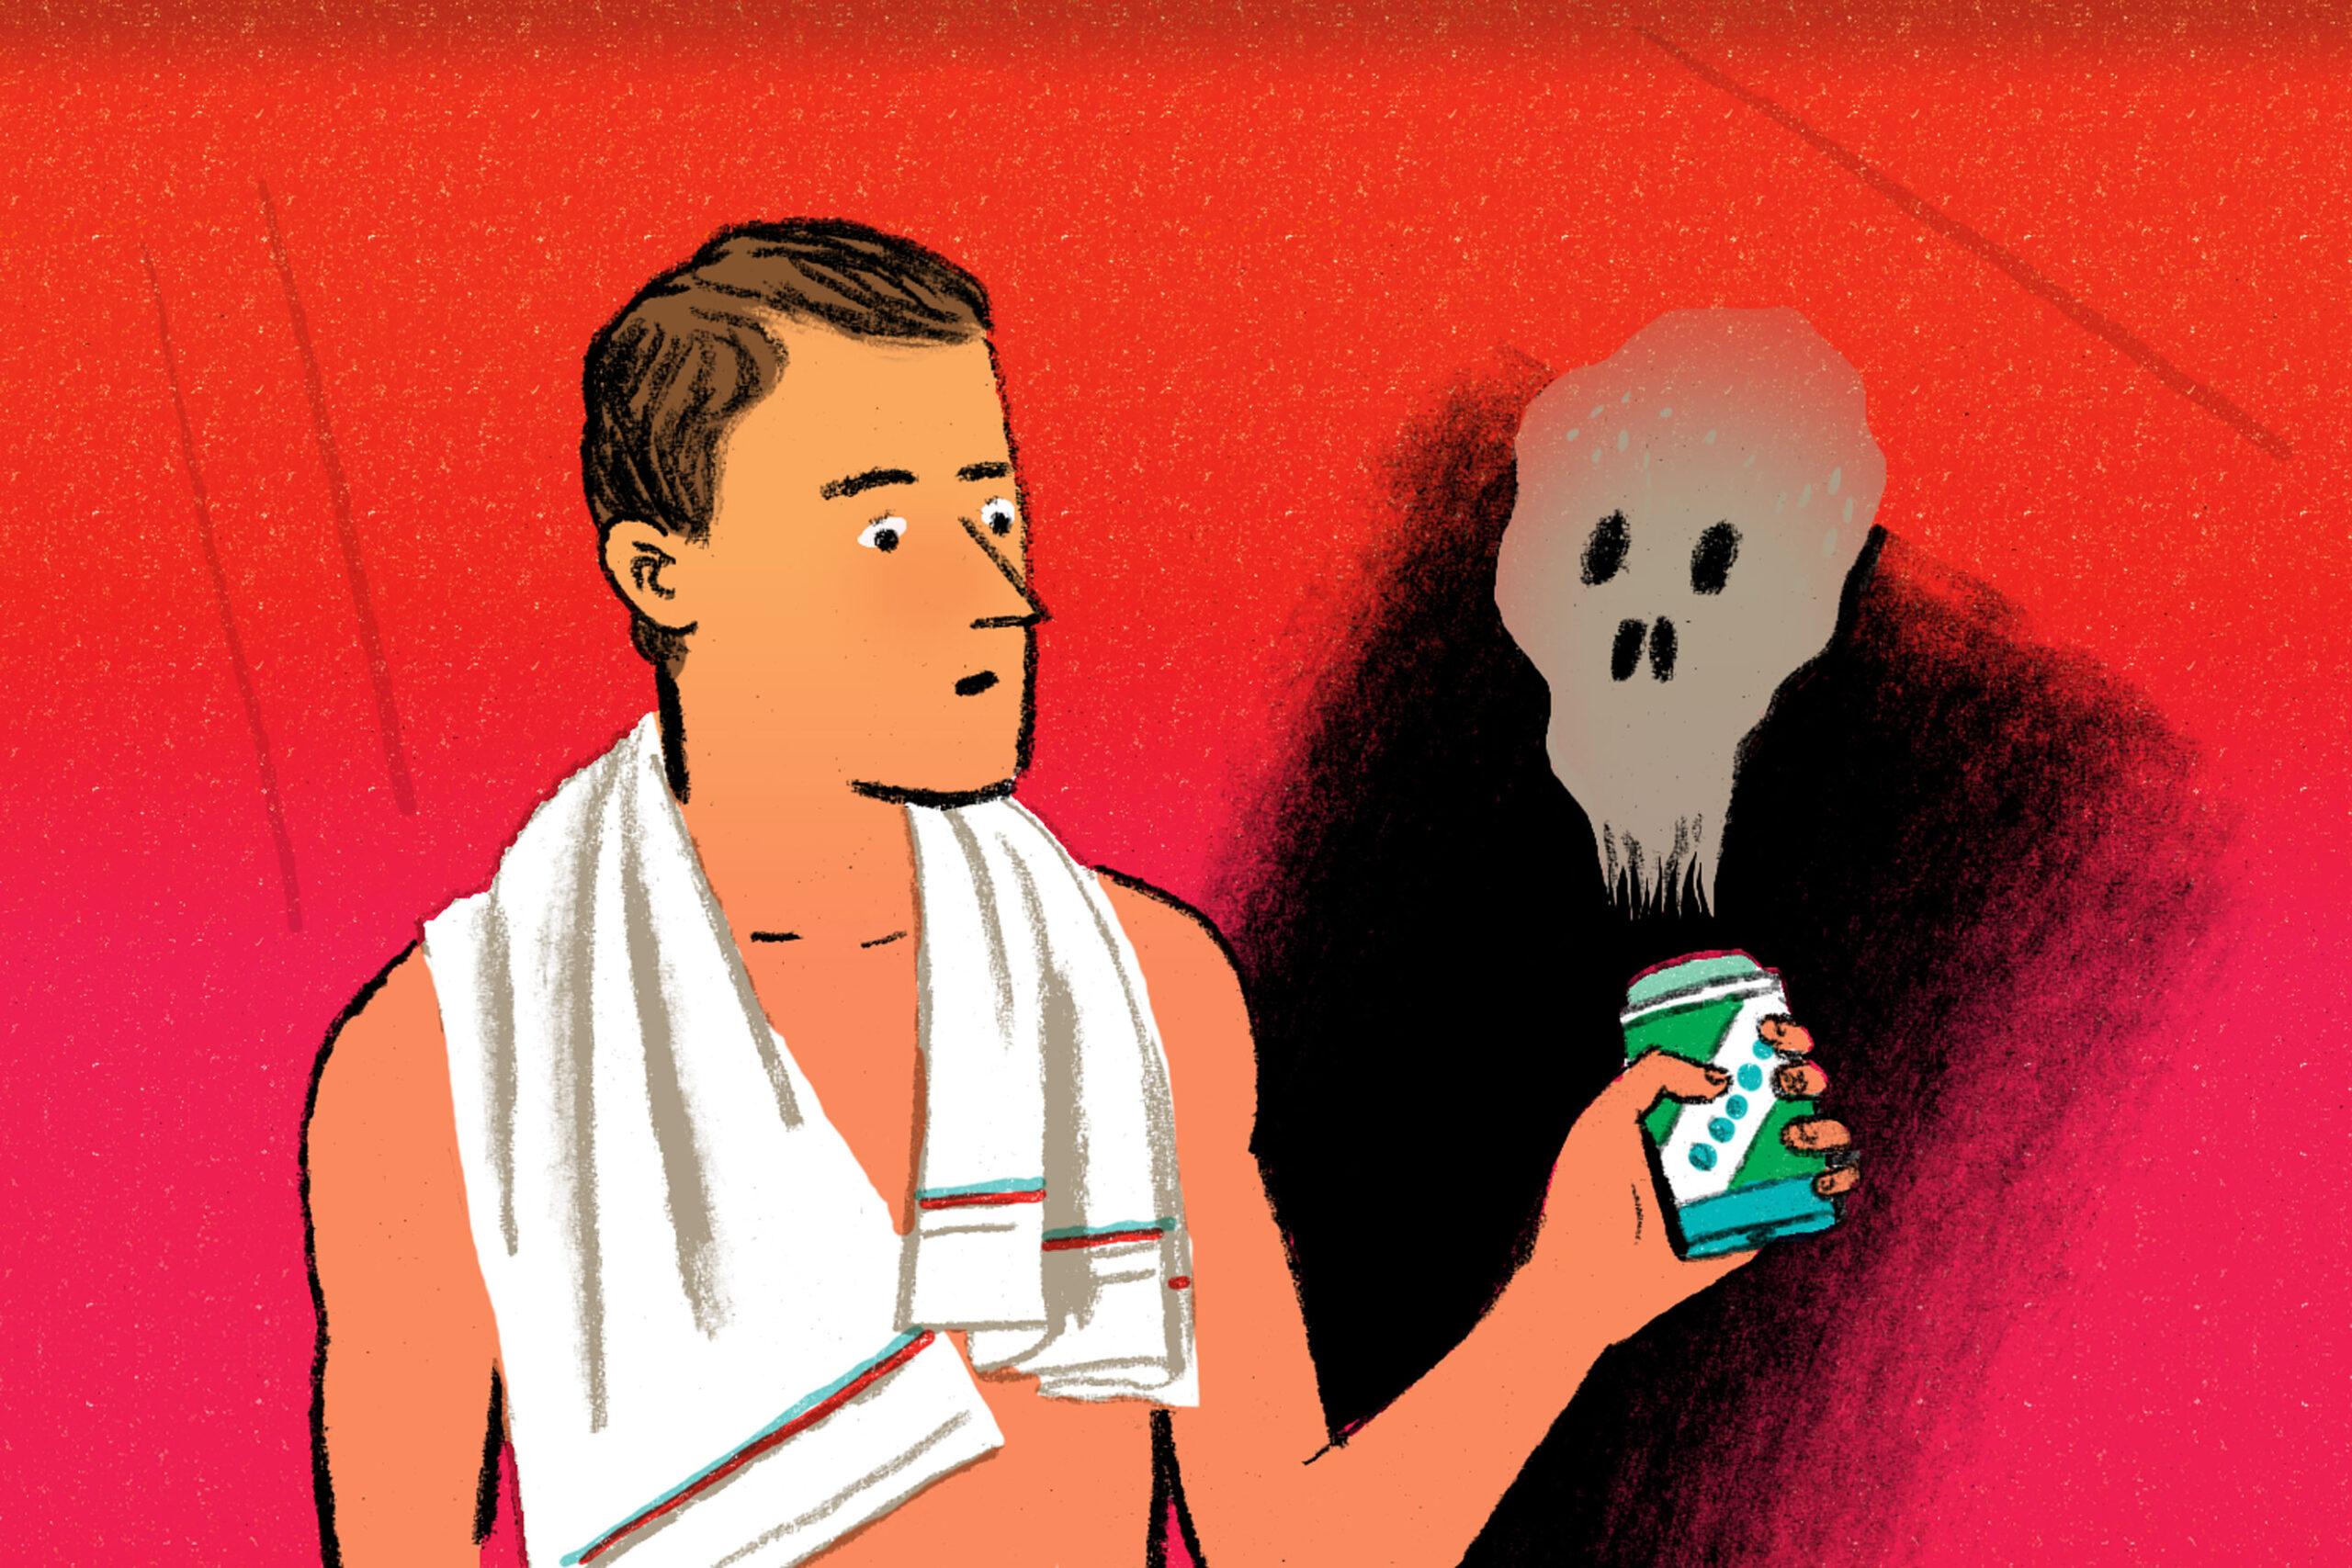 Γιατί η νέα γενιά δεν χρησιμοποιεί αποσμητικό?